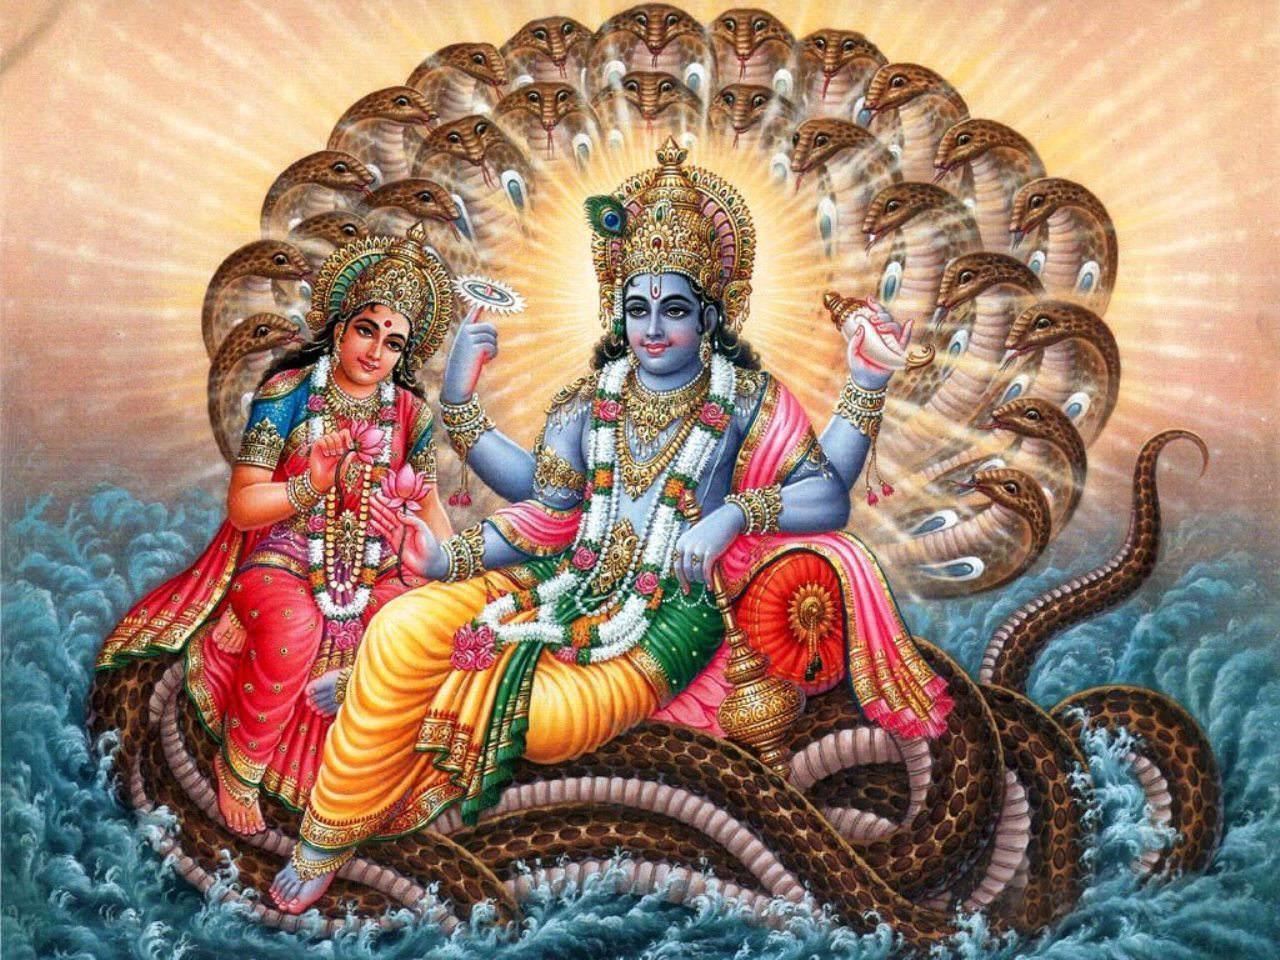 Lord Vishnu Laxmi Sheshnag Ji wallpaper